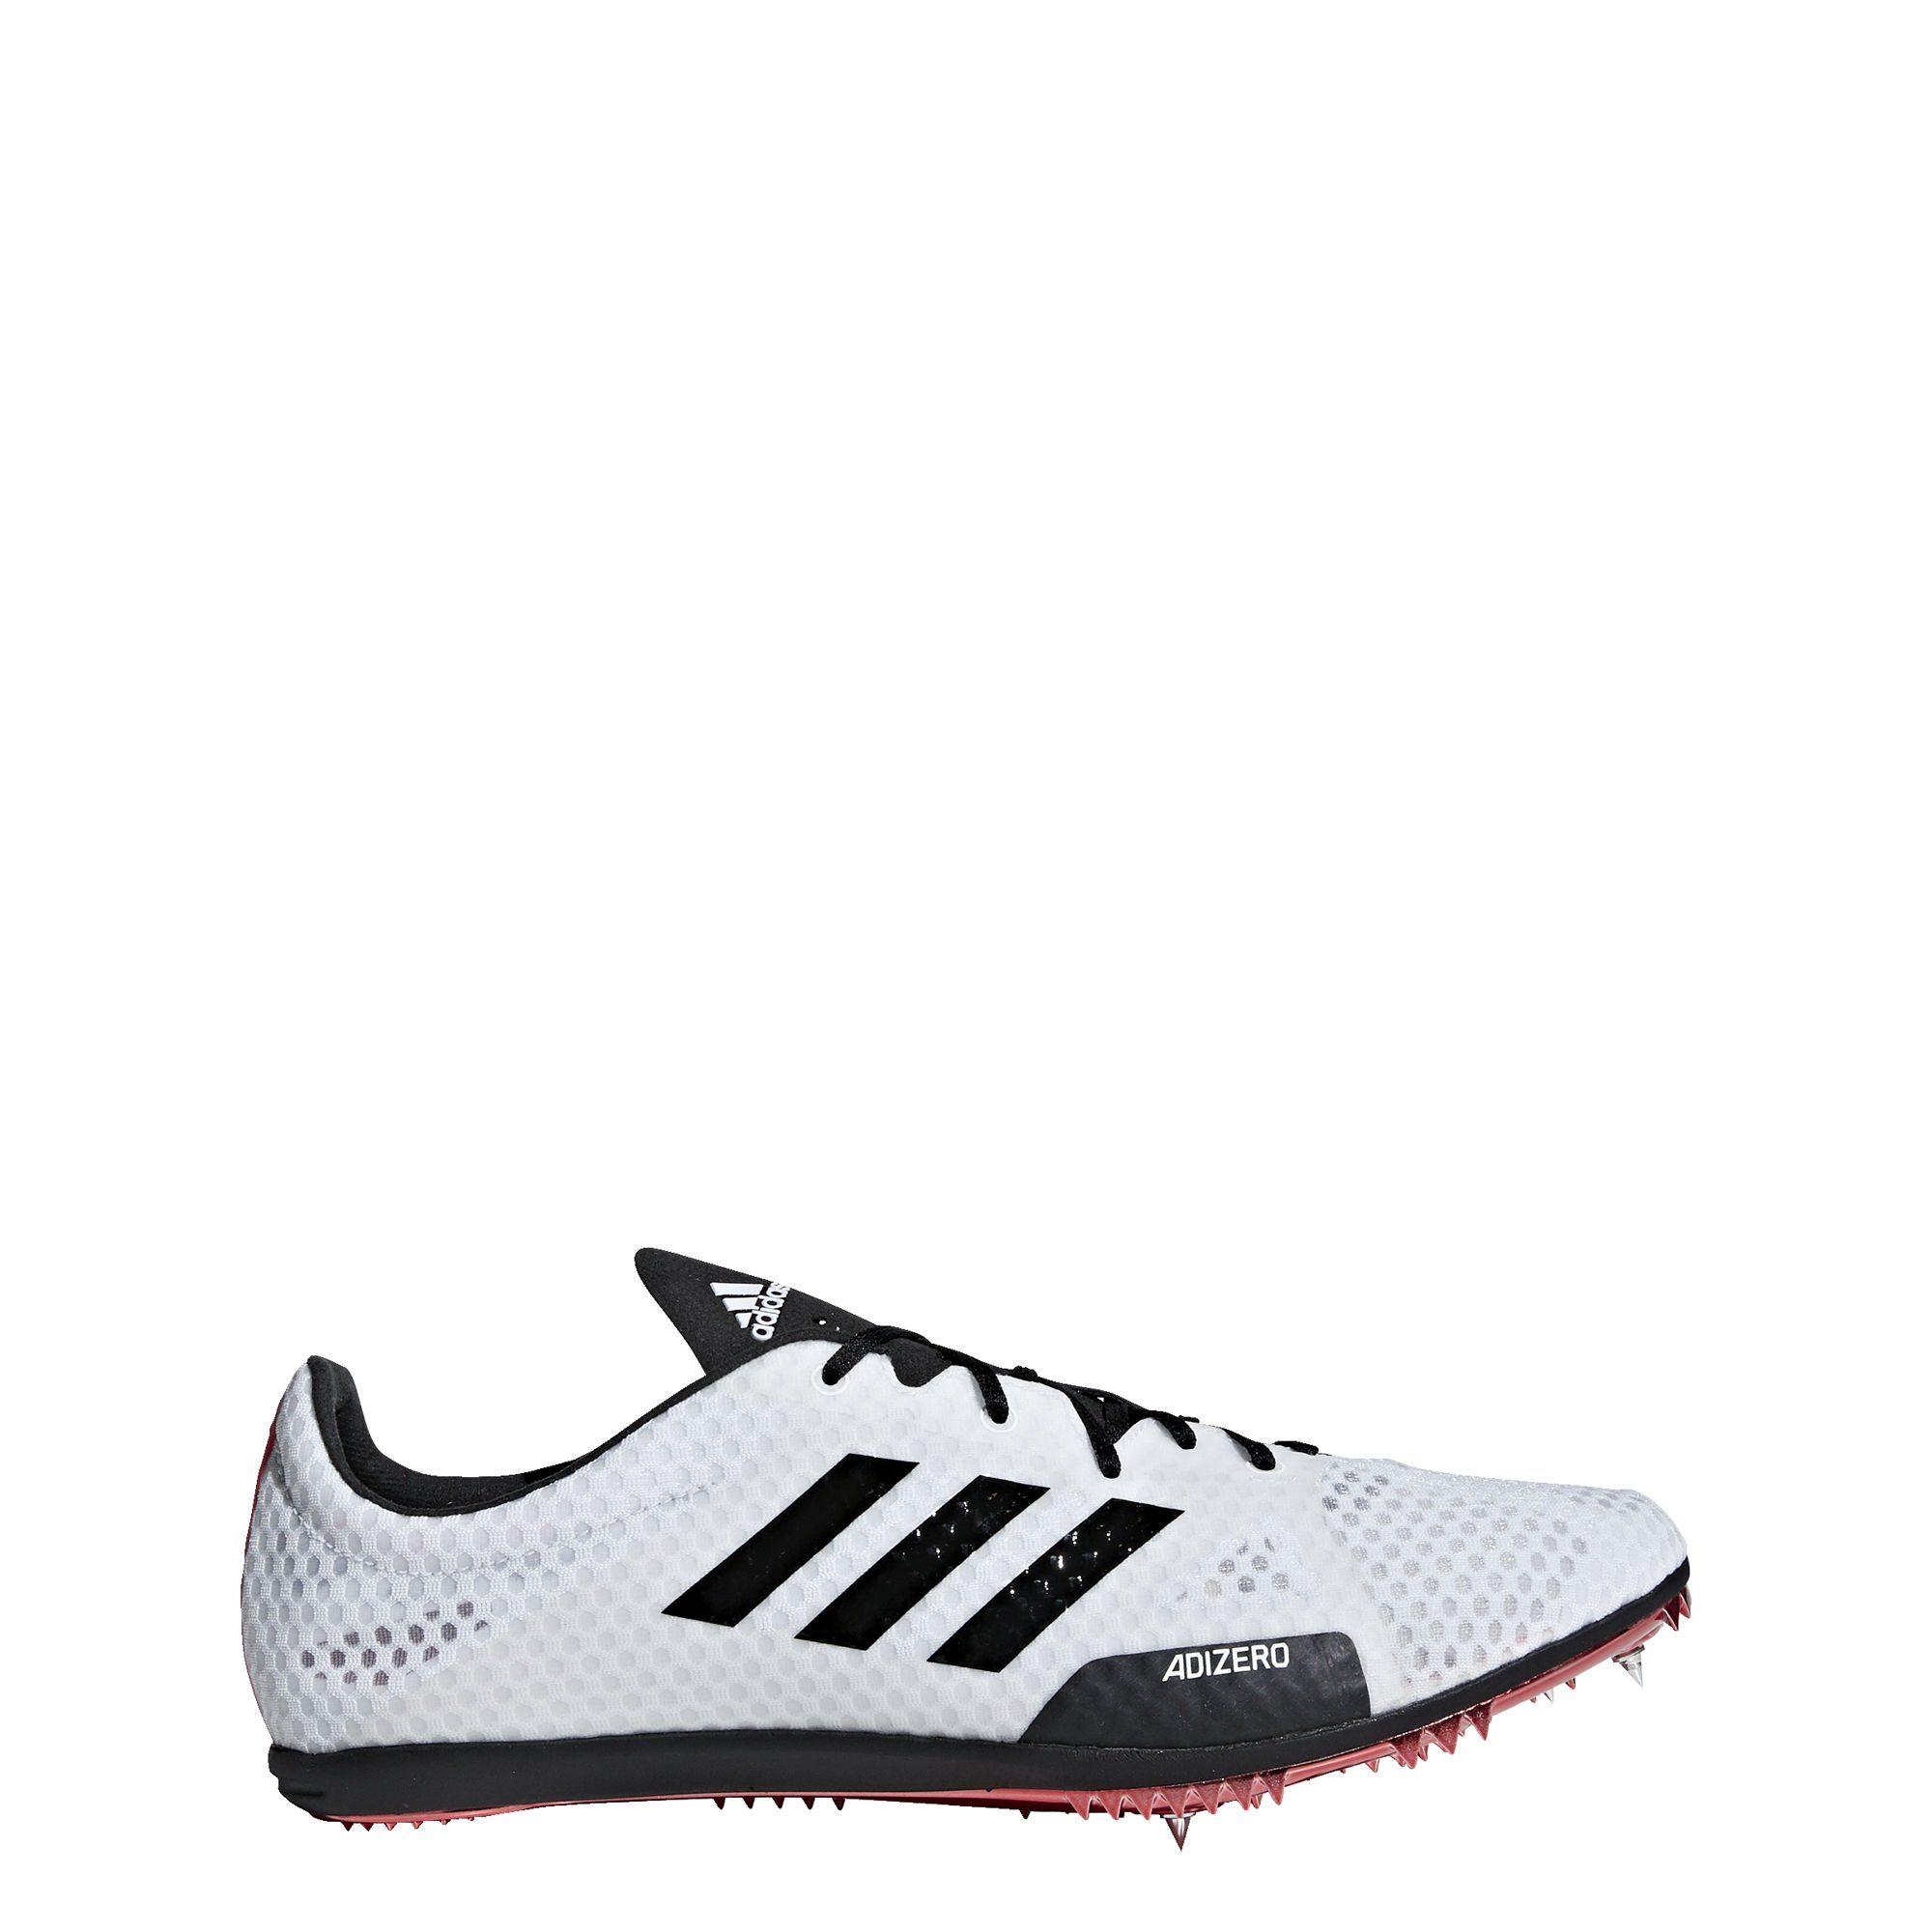 adidas Performance »Adizero Ambition 4 Spike Schuh« Laufschuh adizero online kaufen | OTTO